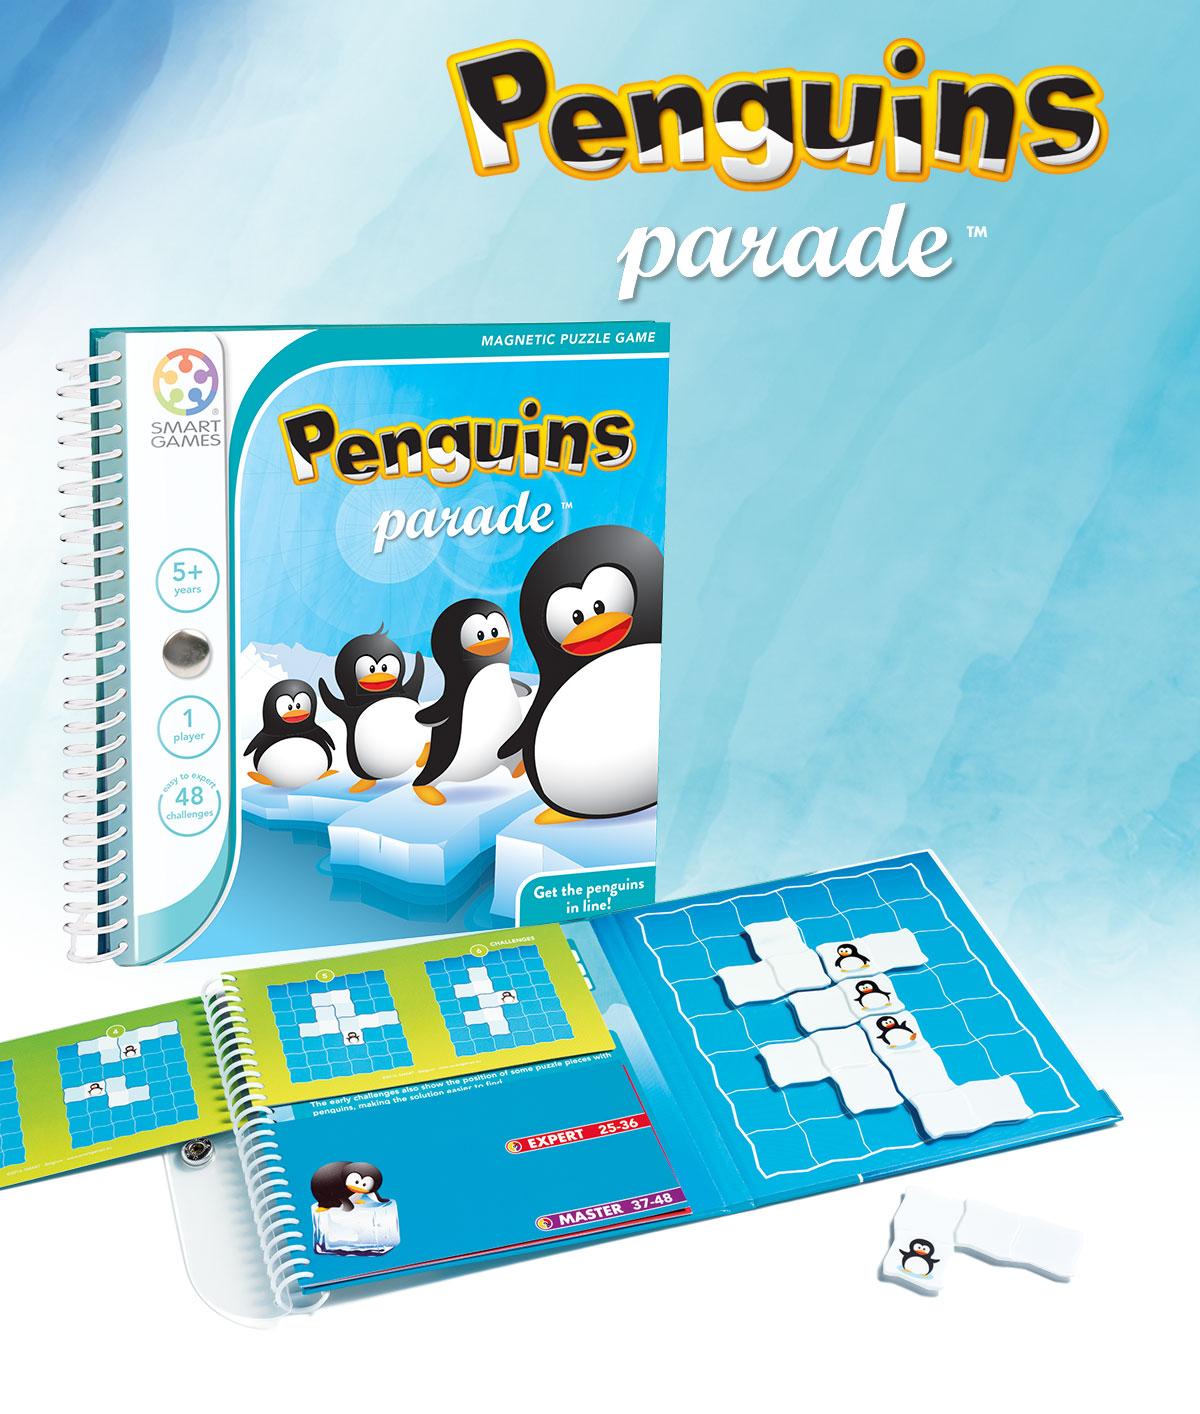 Pinguin Parade